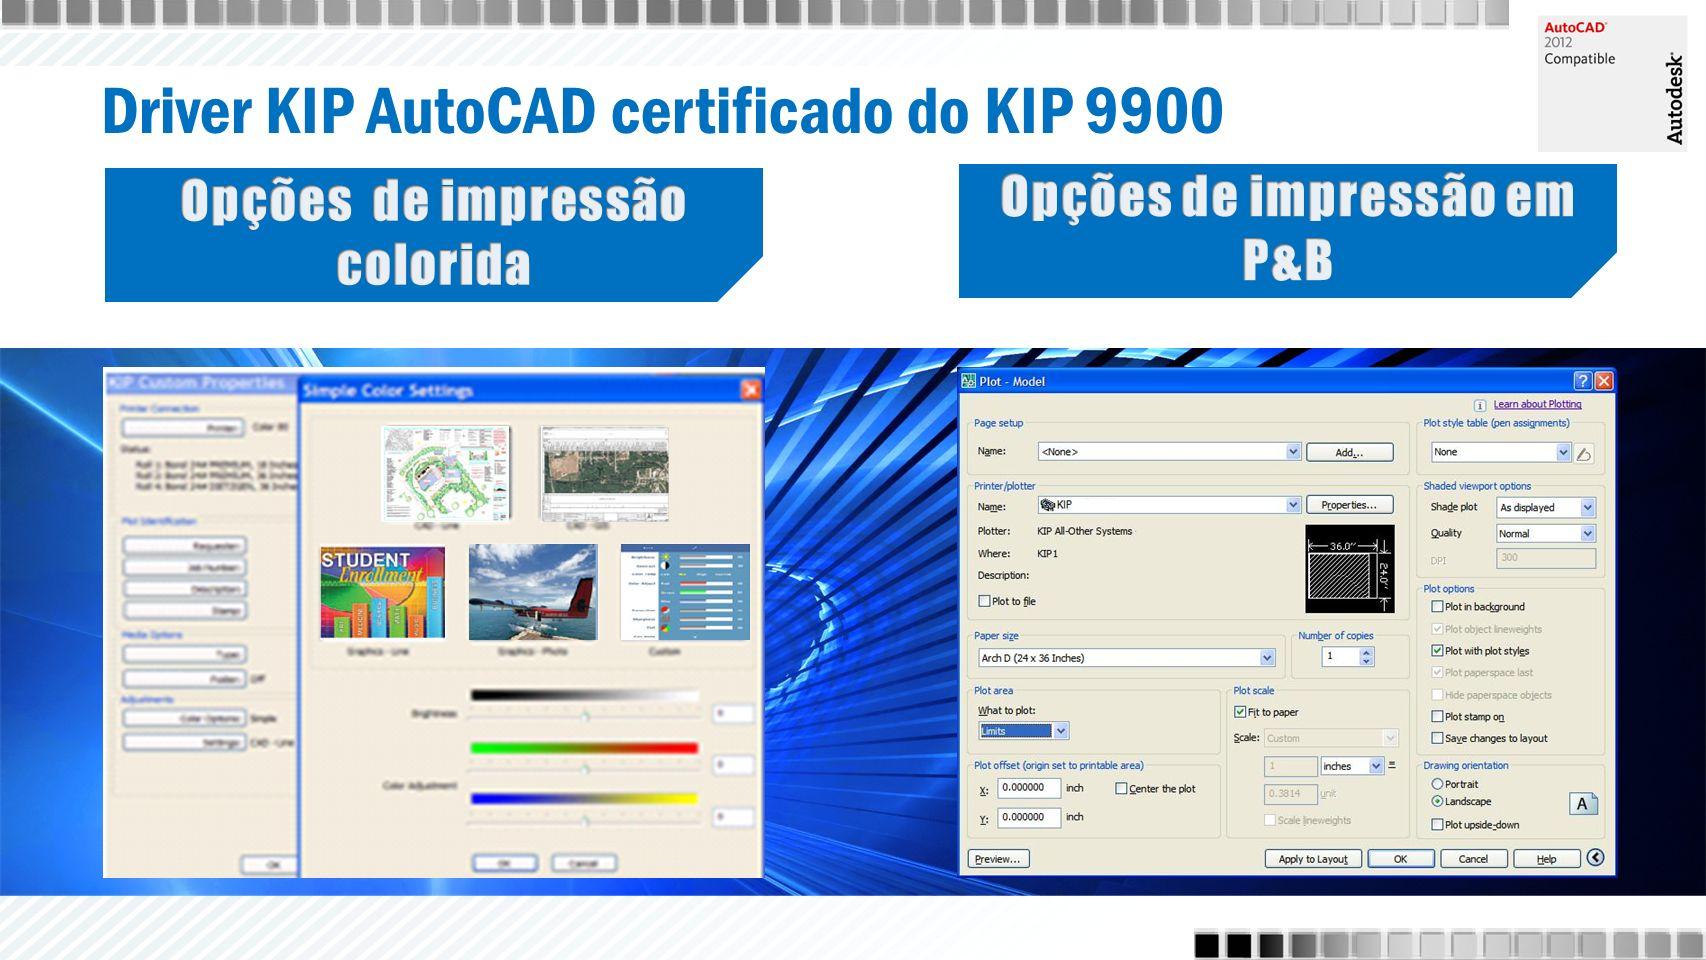 Driver KIP AutoCAD certificado do KIP 9900